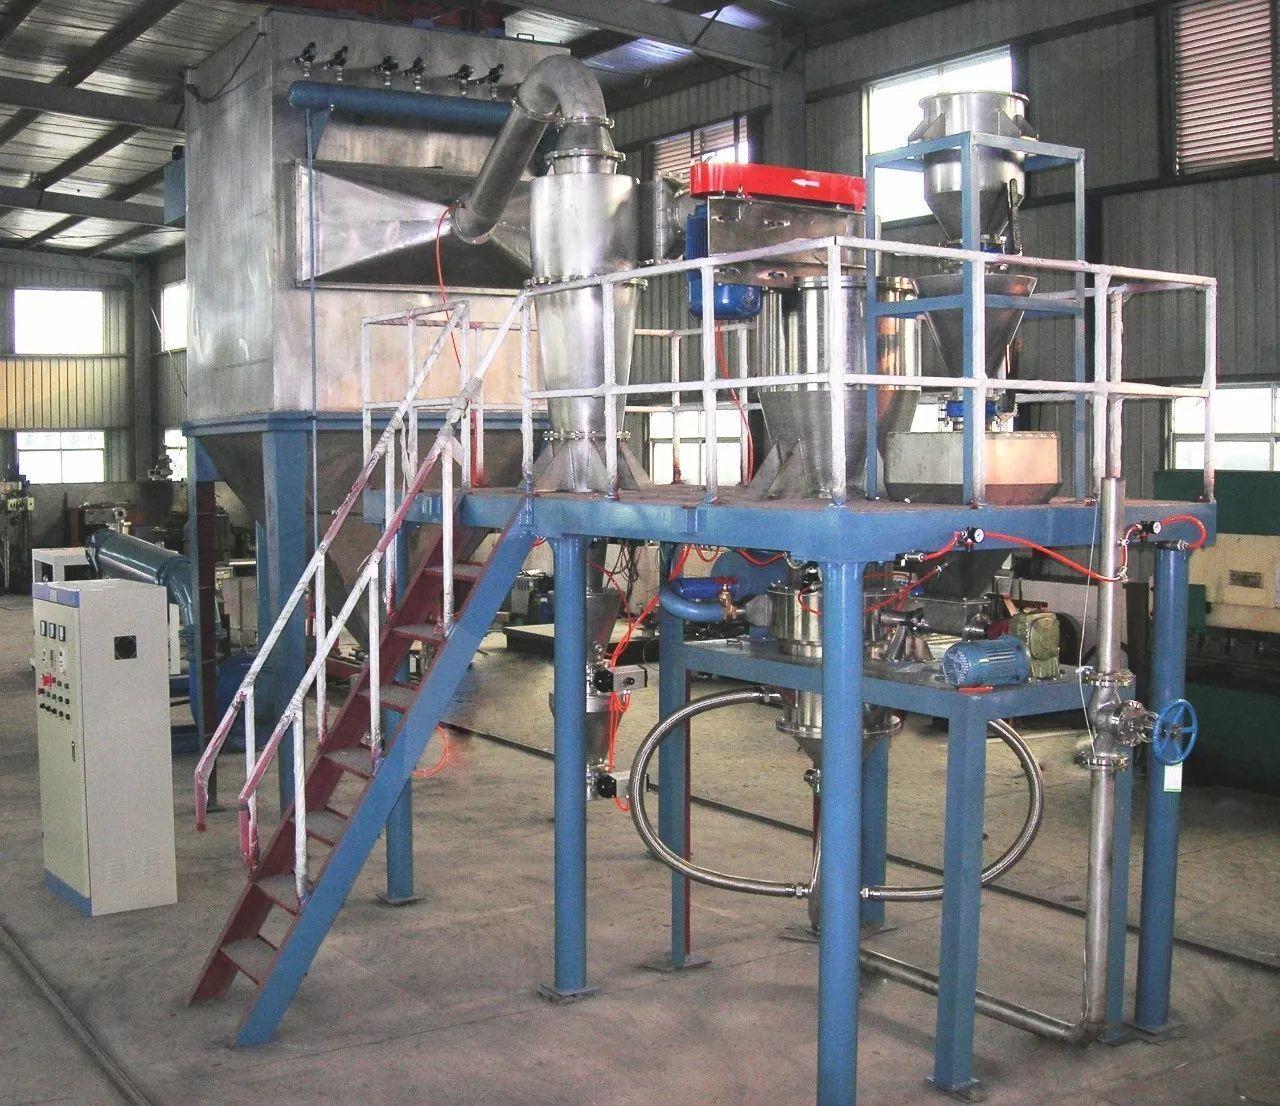 瓜子機械四川眾金粉體設備有限公司入駐粉享通